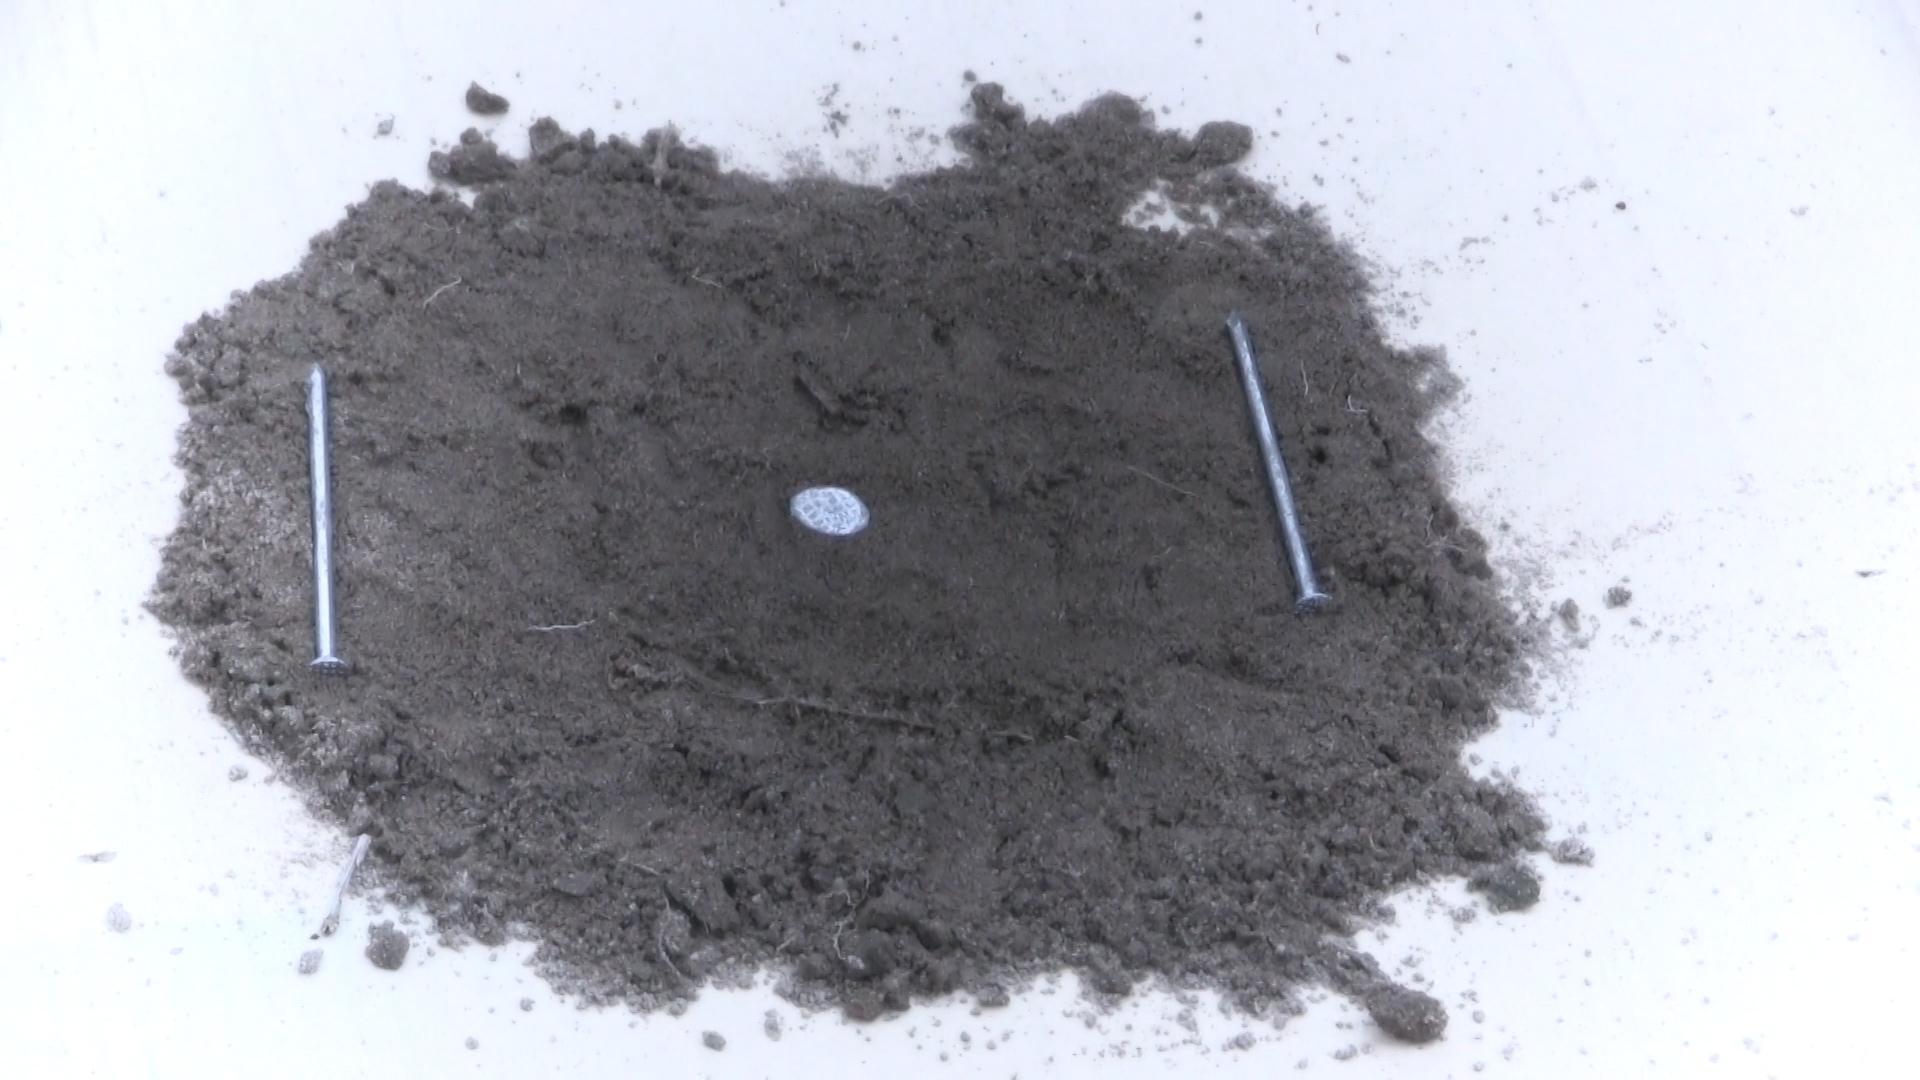 Монета- чешуйка - тест. Металлоискатель 4WD